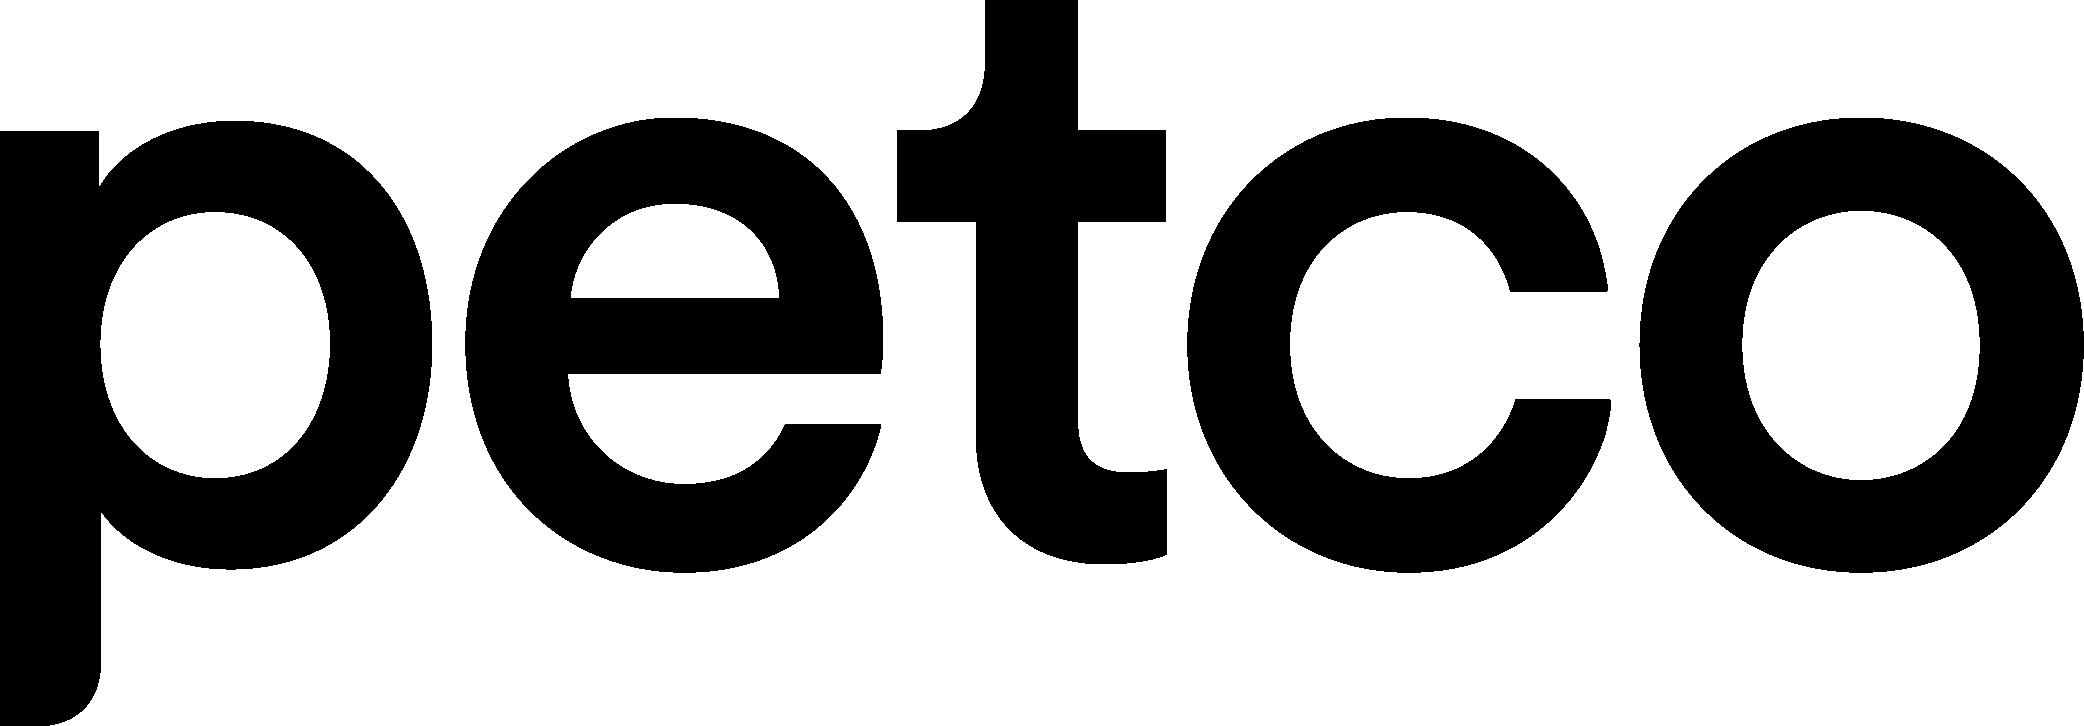 Logo for Petco